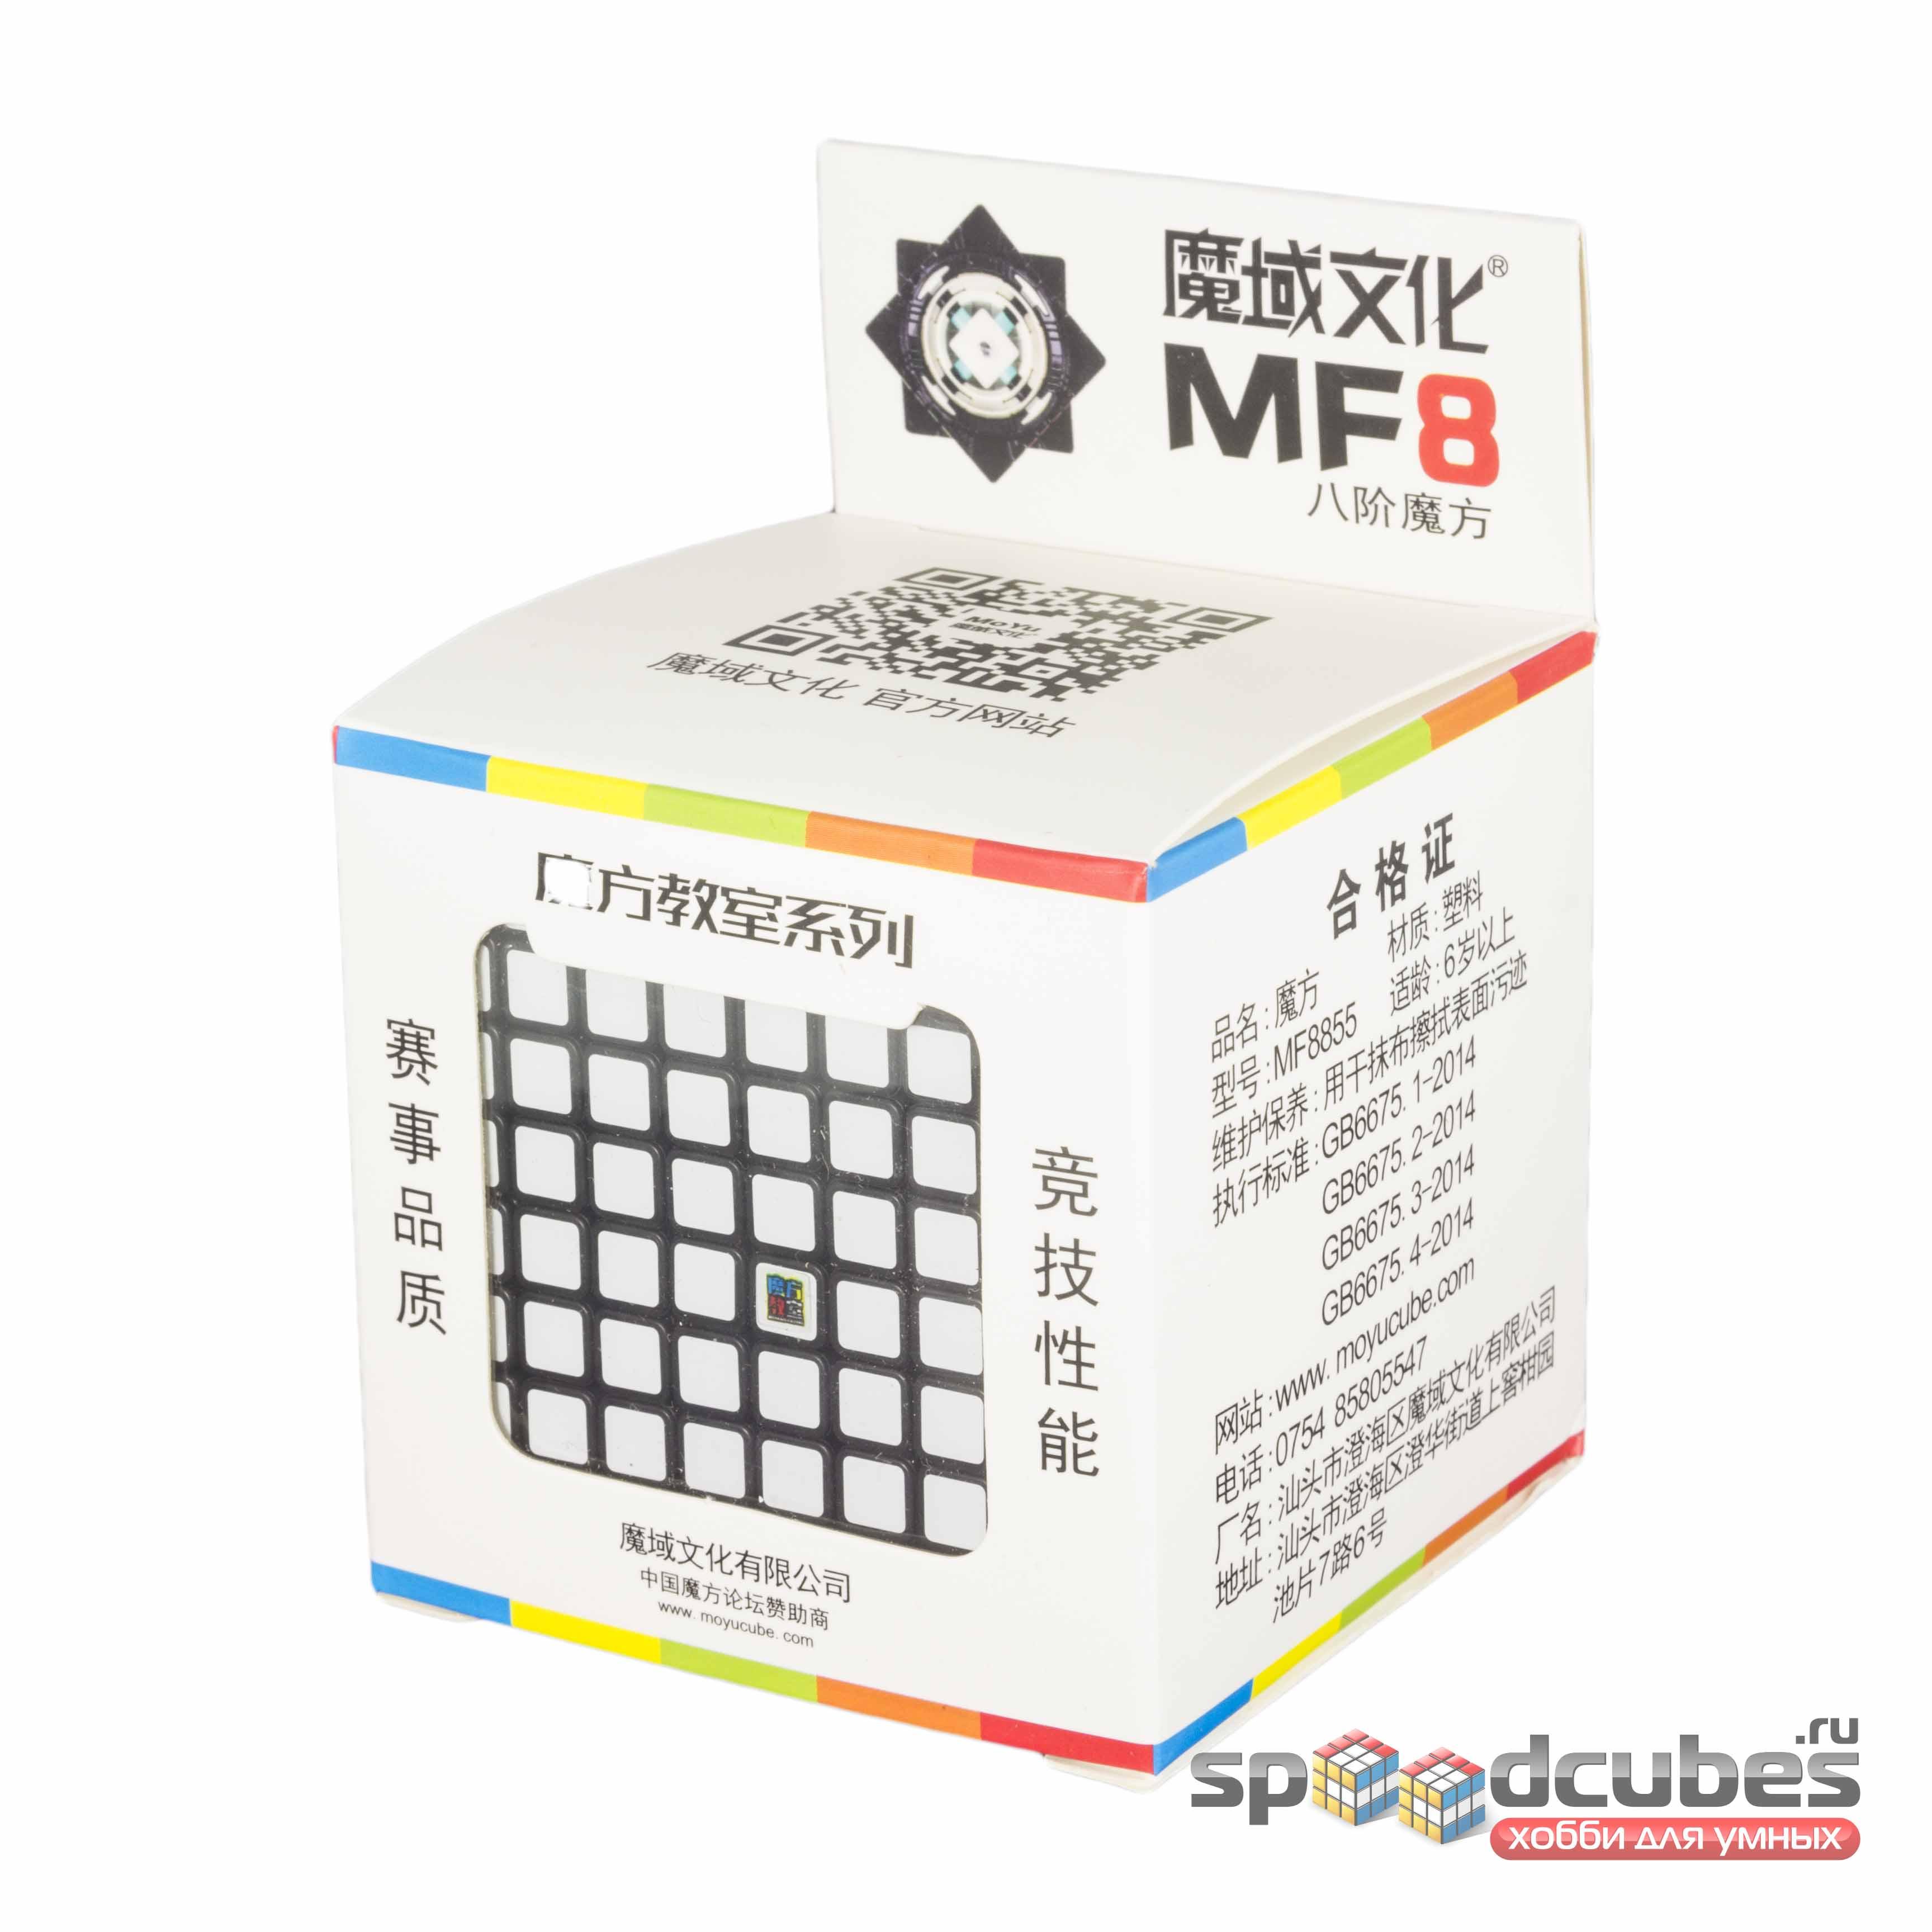 Moyu 8x8x8 Mofangjiaoshi Mf8 Black 1